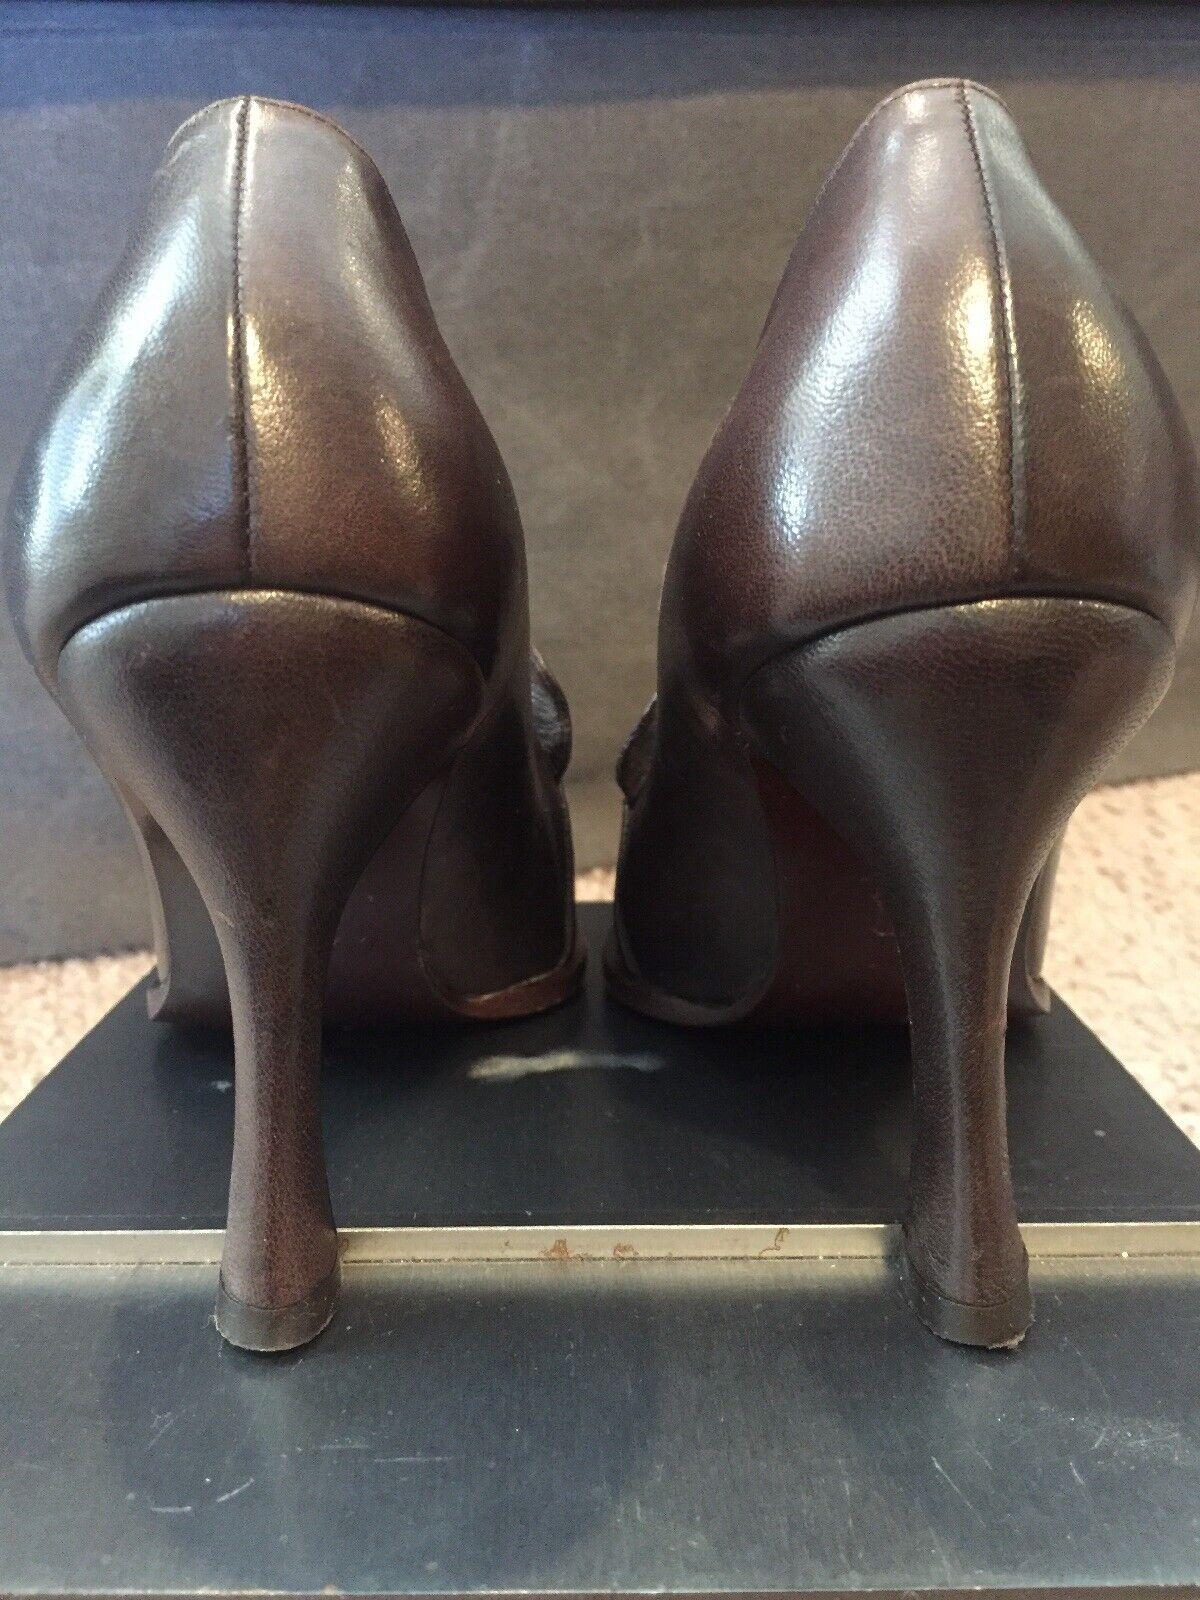 Emporio Armani Bomba De Volantes De Cuero Cuero Cuero Marrón Chocolate impresionante talla 36.5 6 ff4dfb